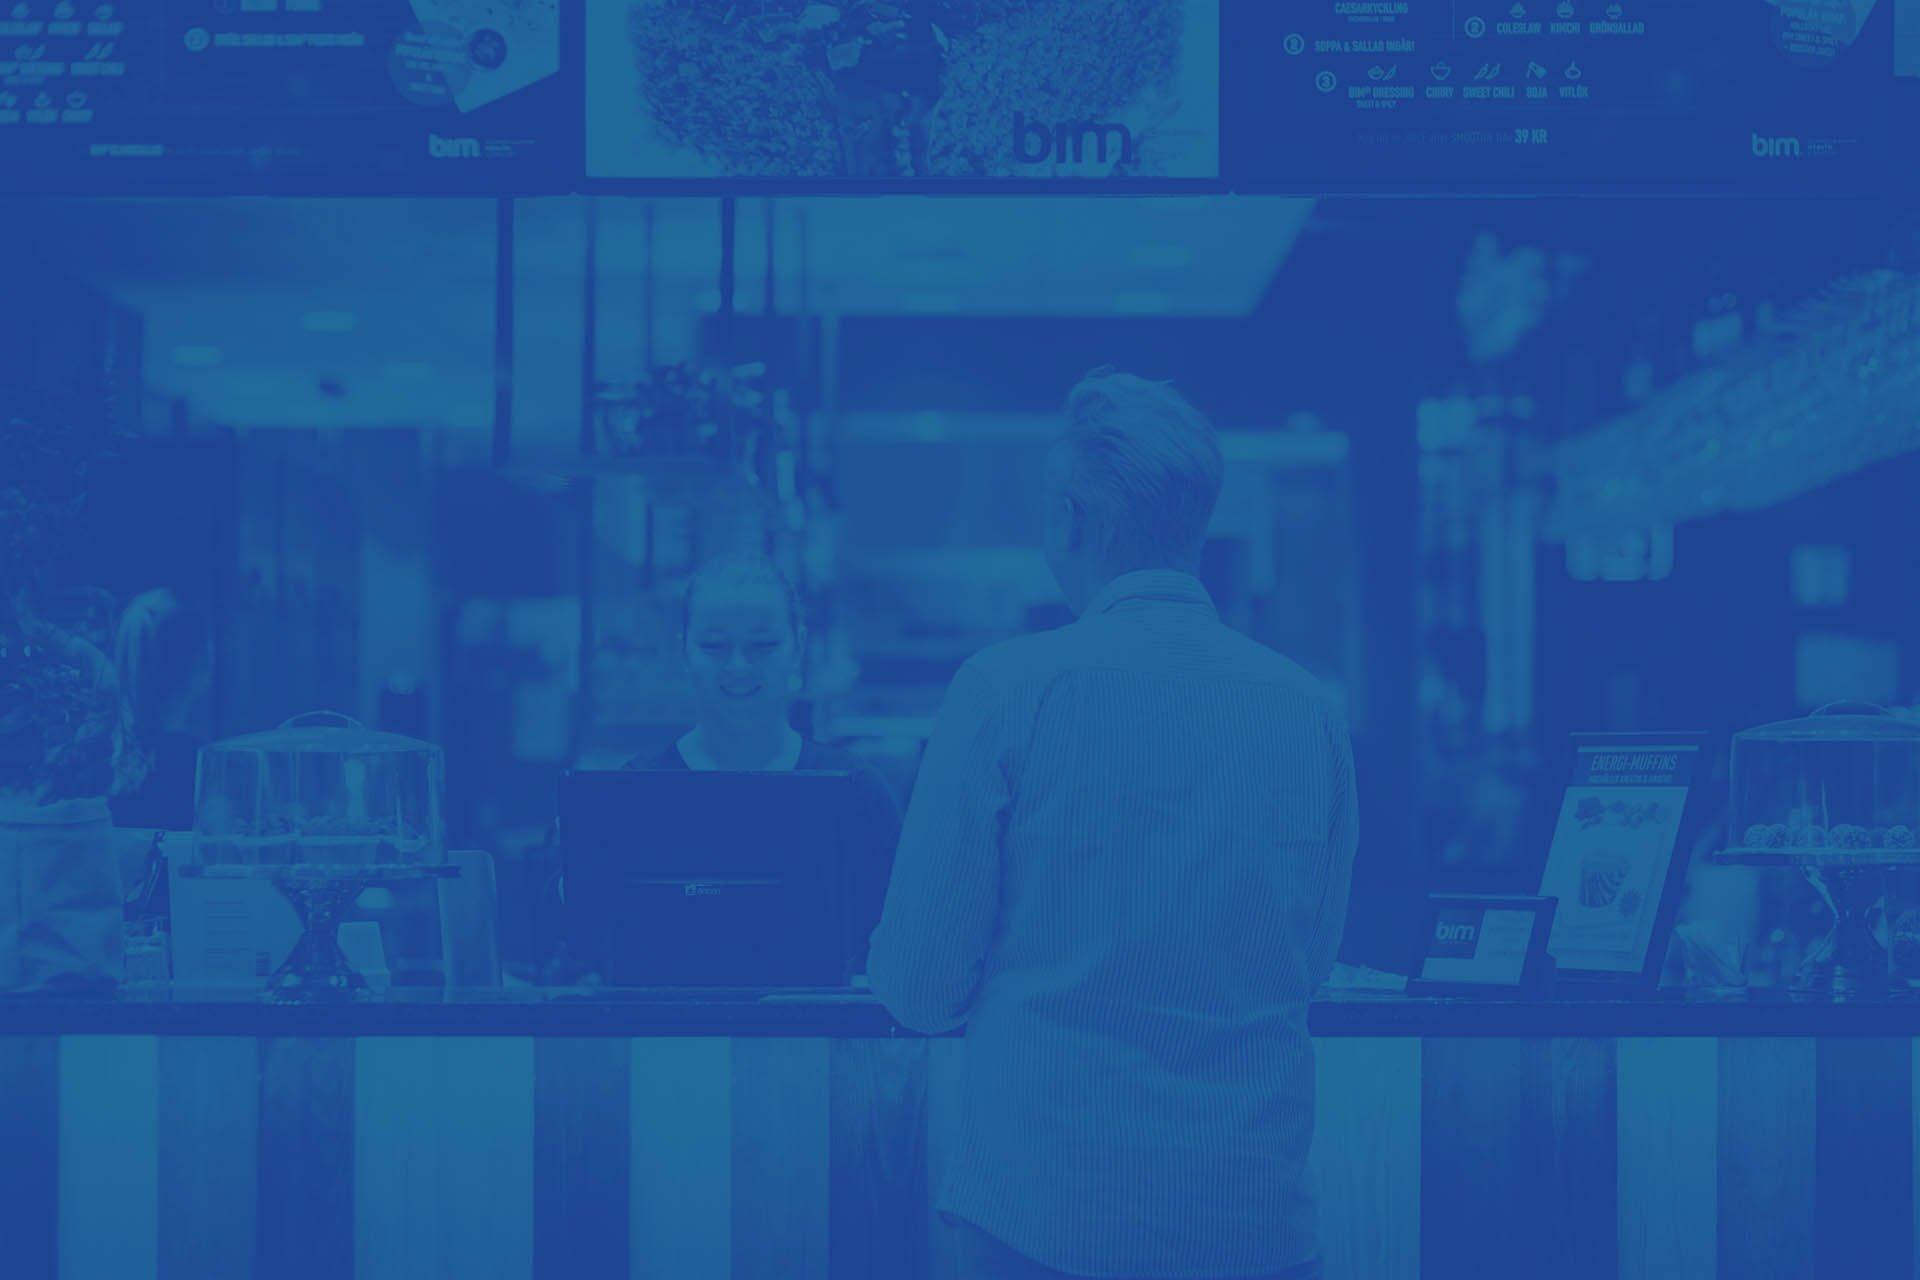 kassasystem-blue.jpg